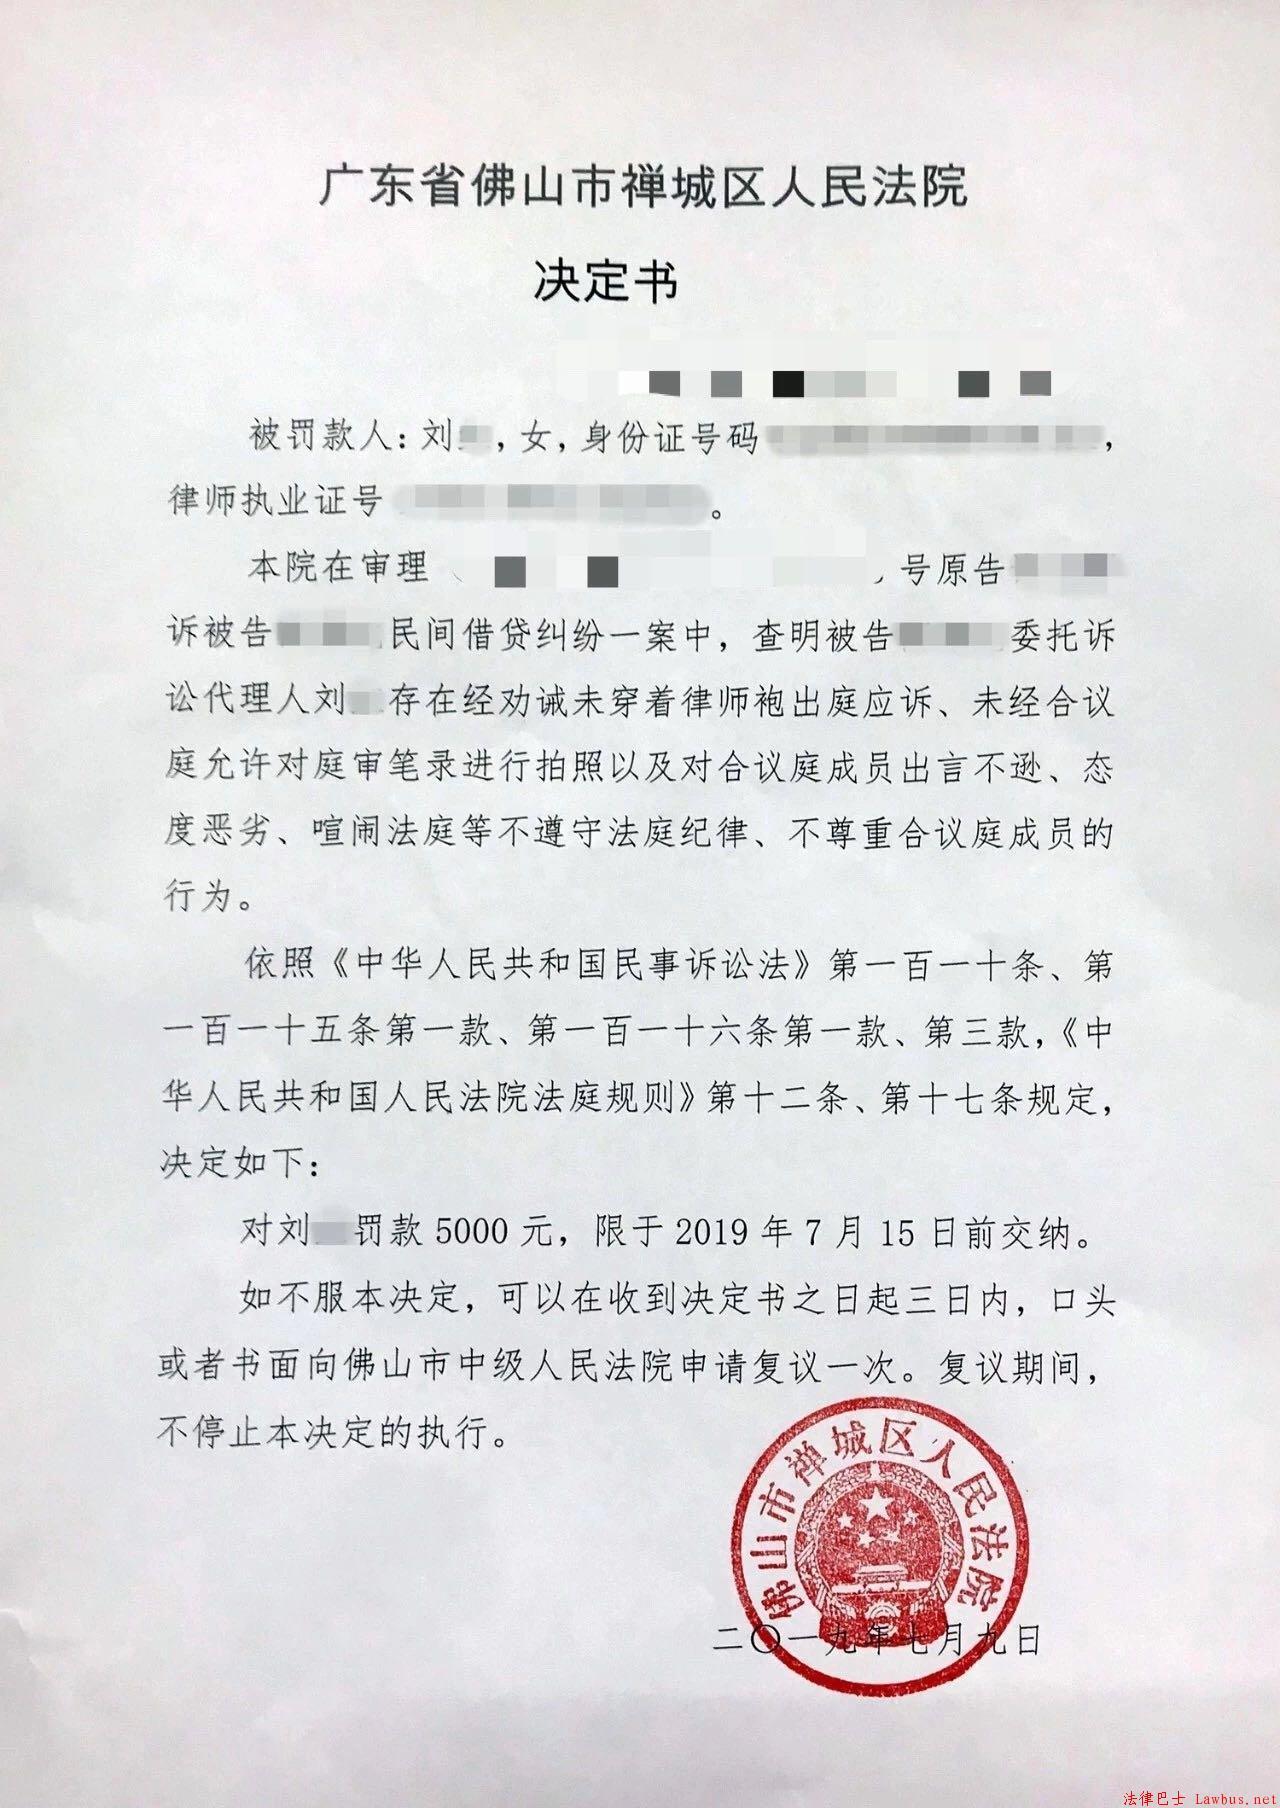 禅城区法院决定书.jpg